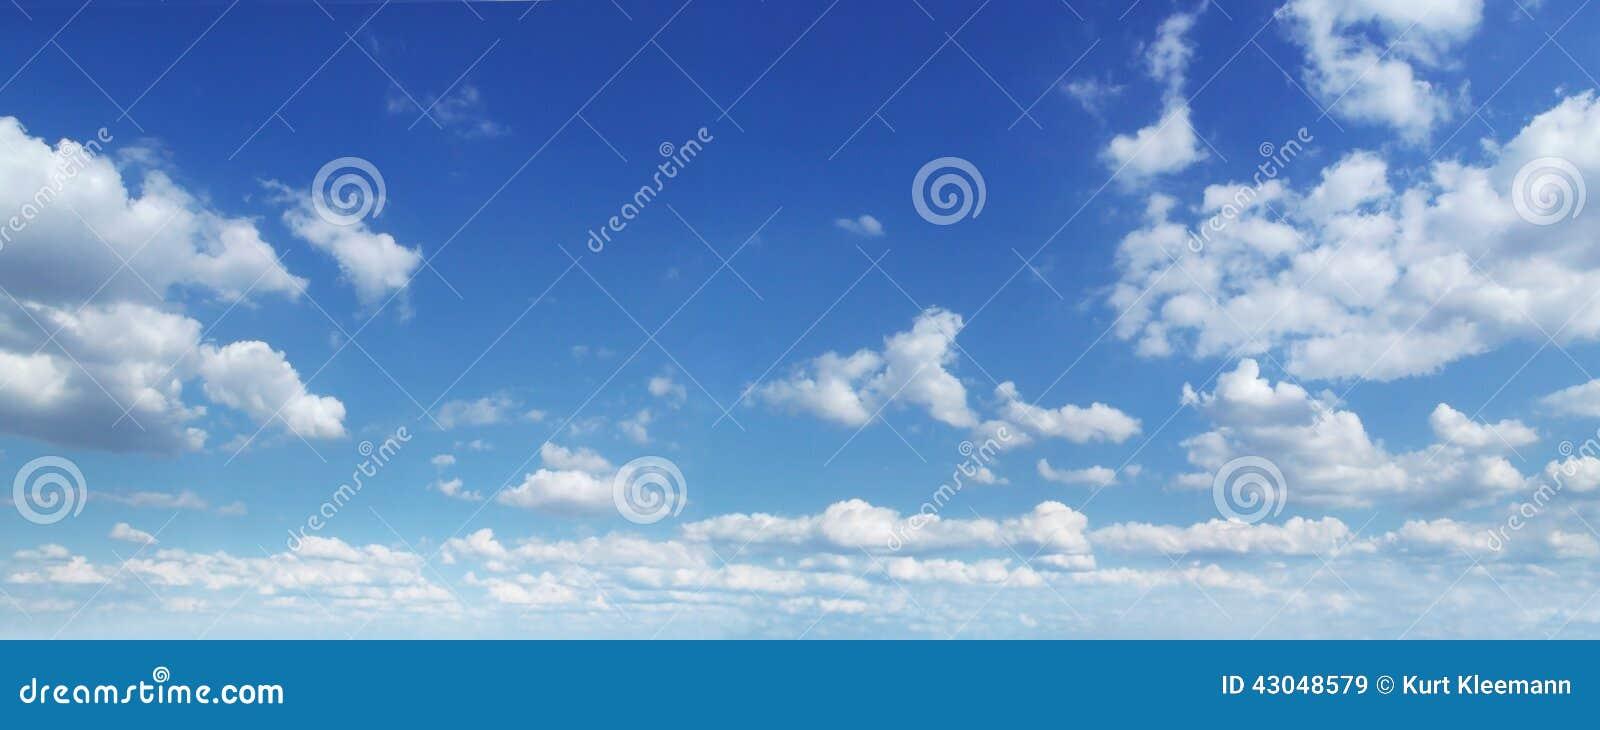 Panorama de ciel nuageux